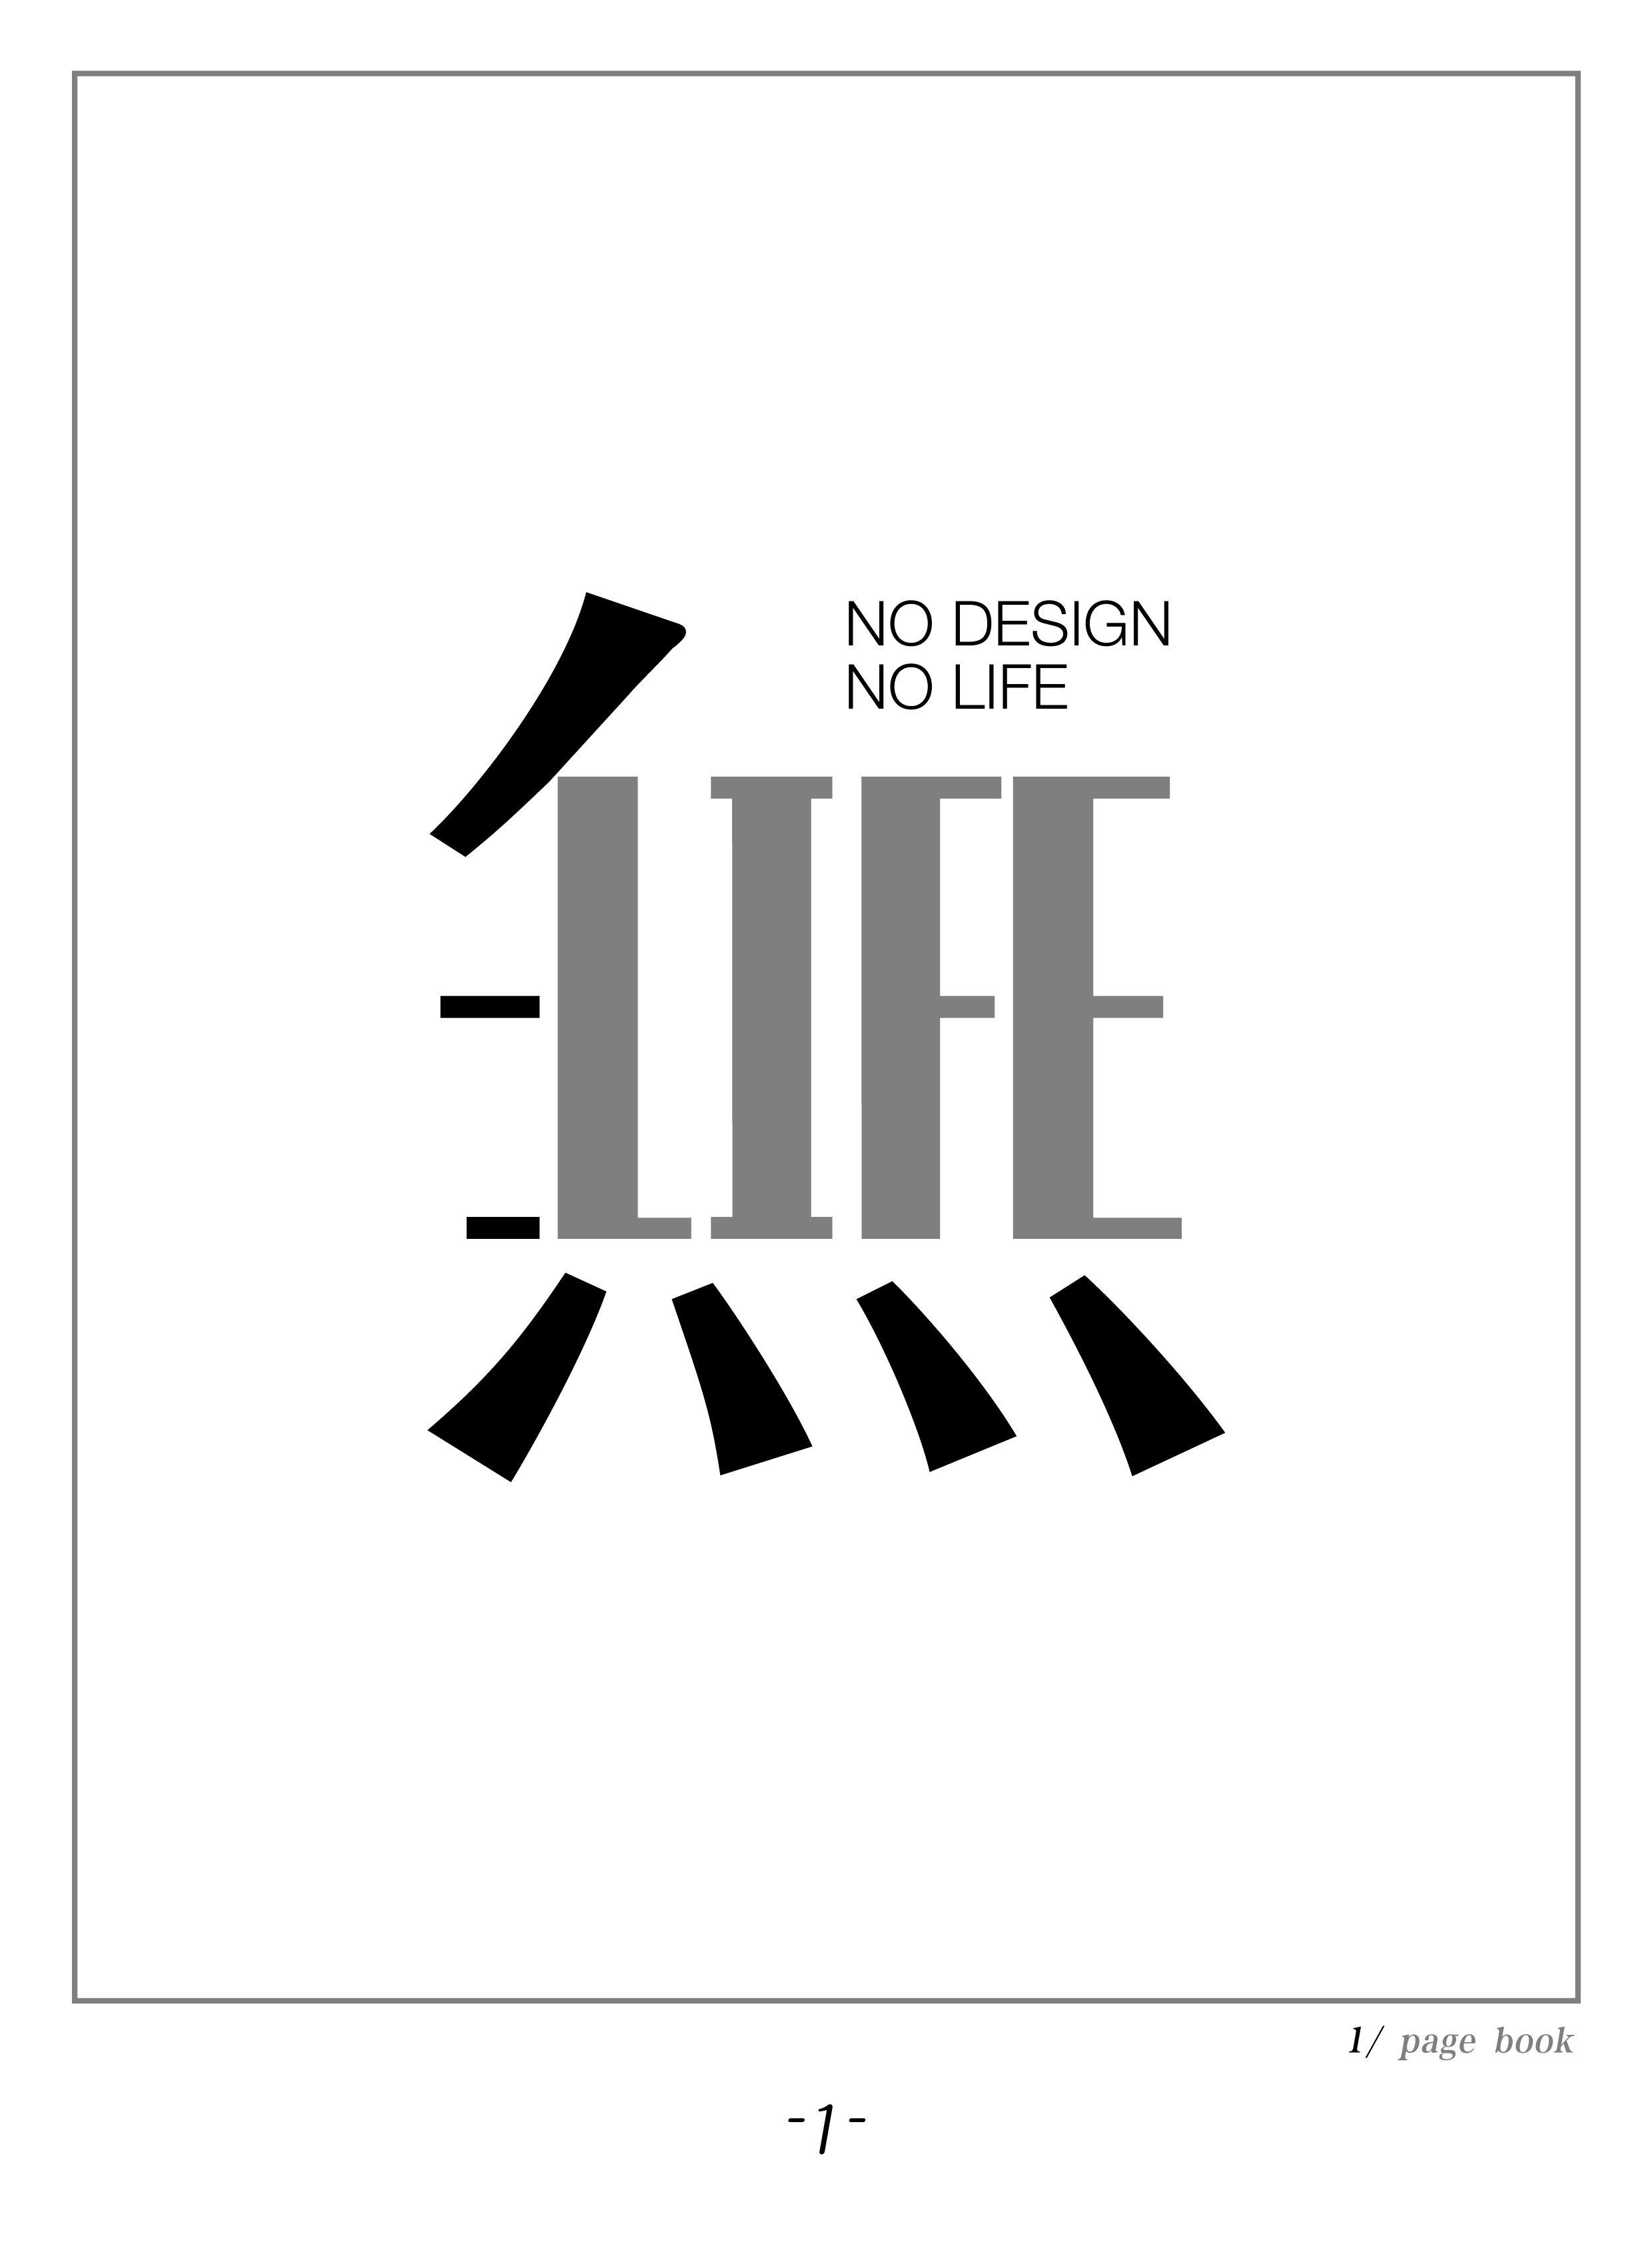 無life #chinesetypography